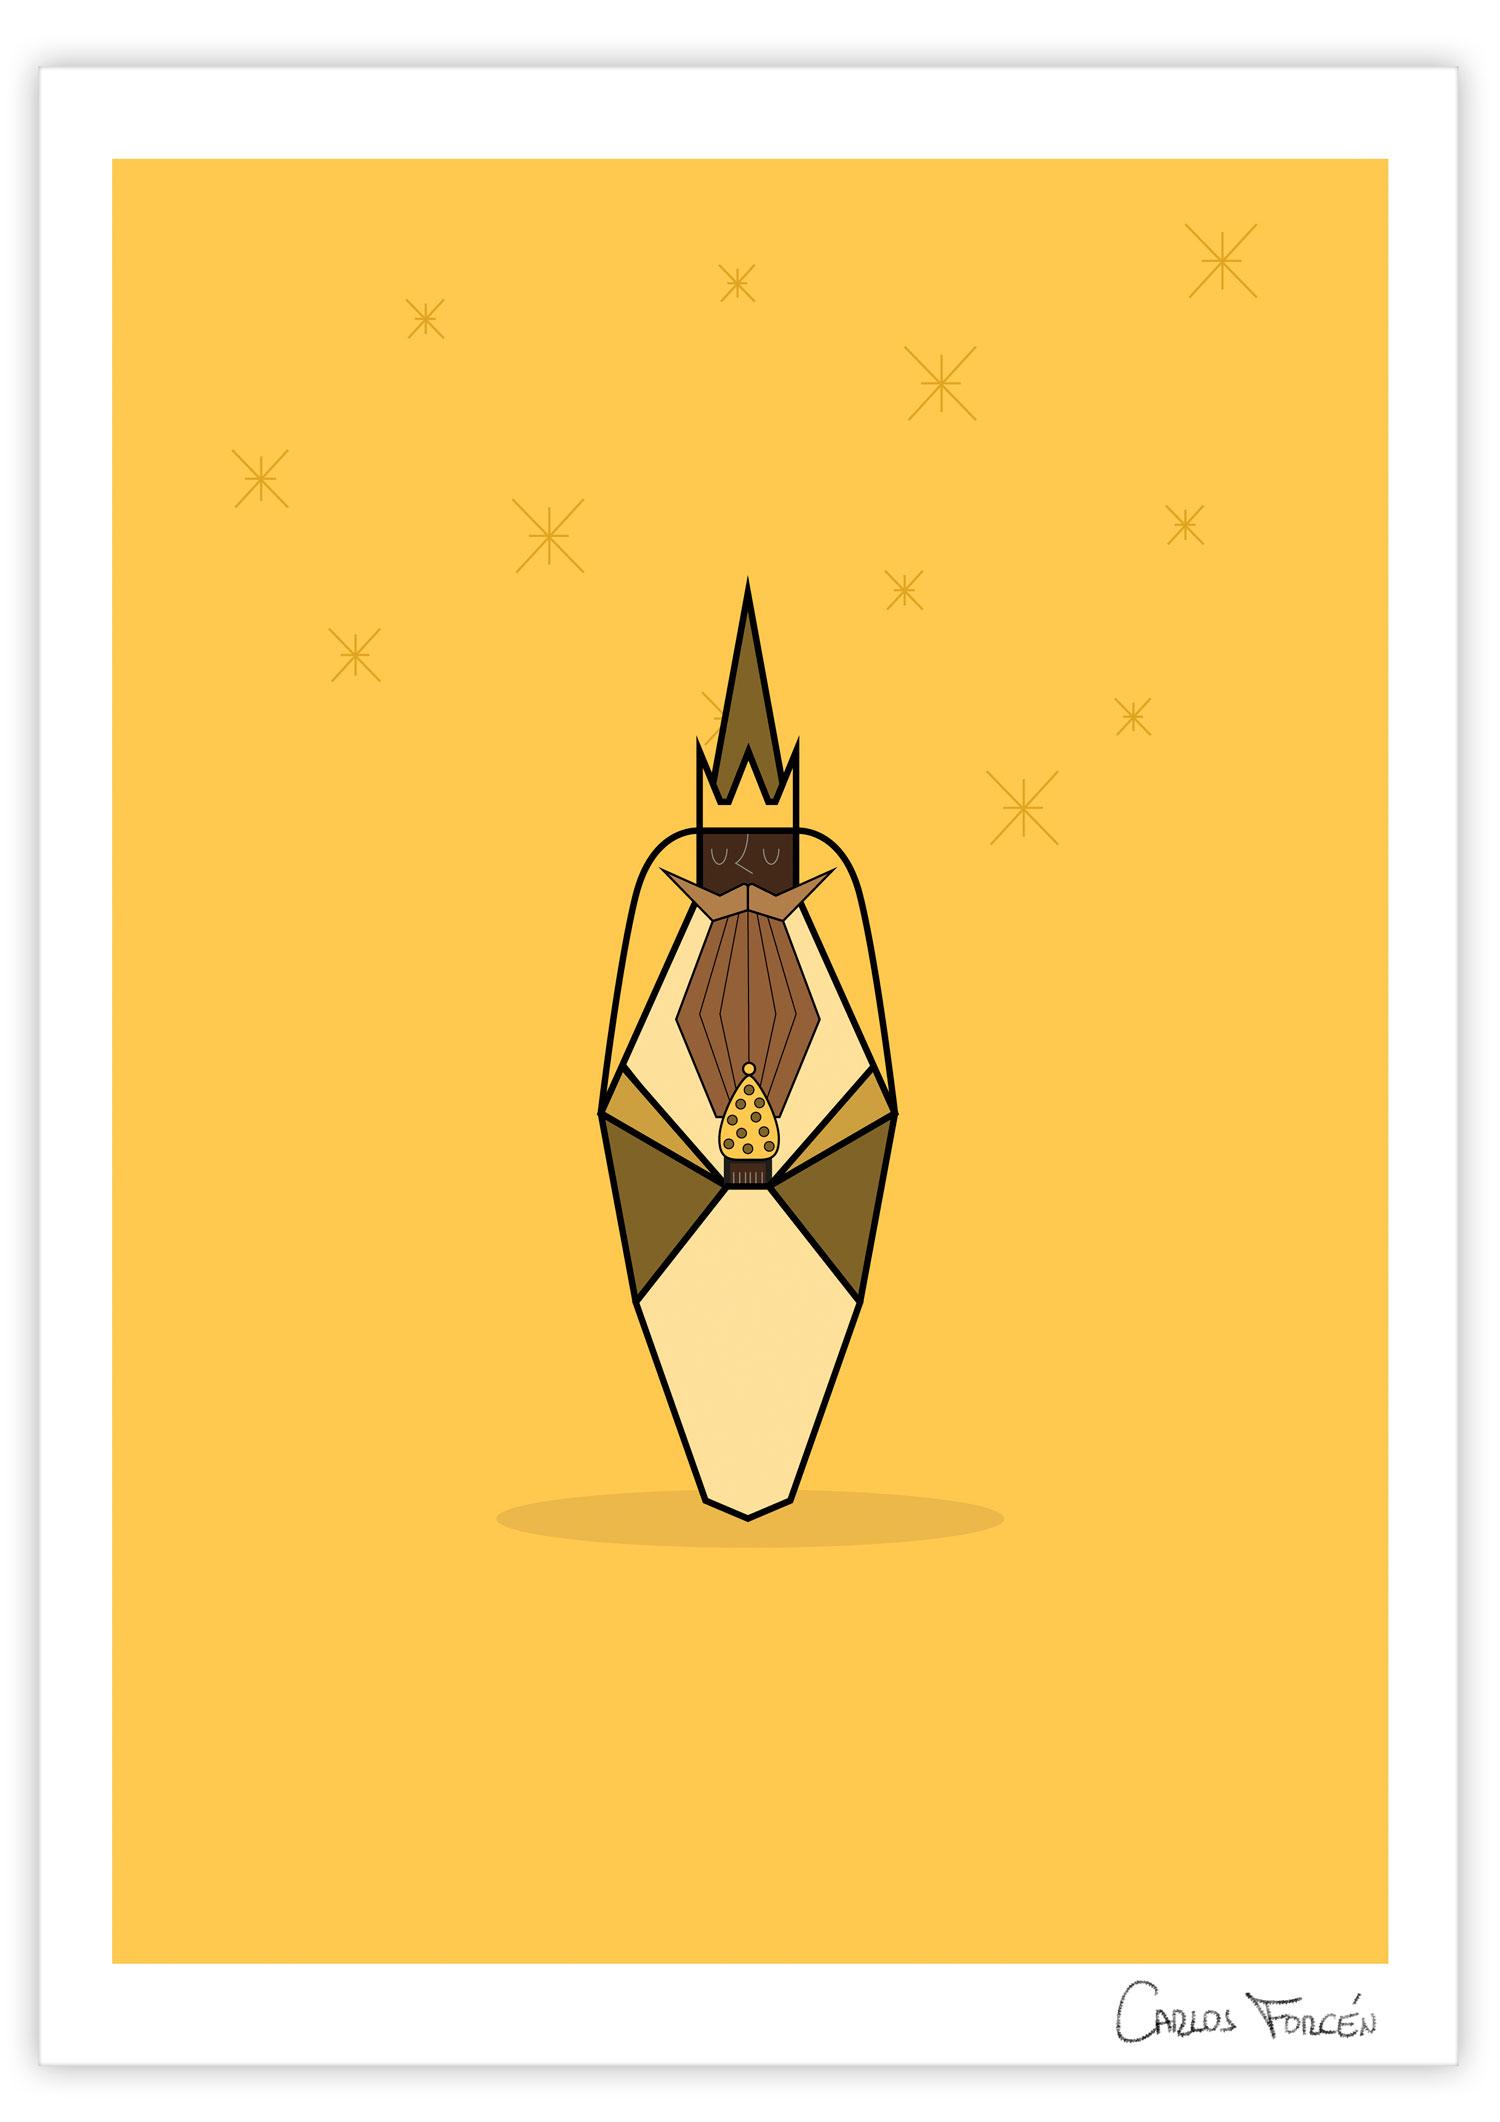 baltasar_rey-mago_2019-carlos_forcen-ilustracion-signed